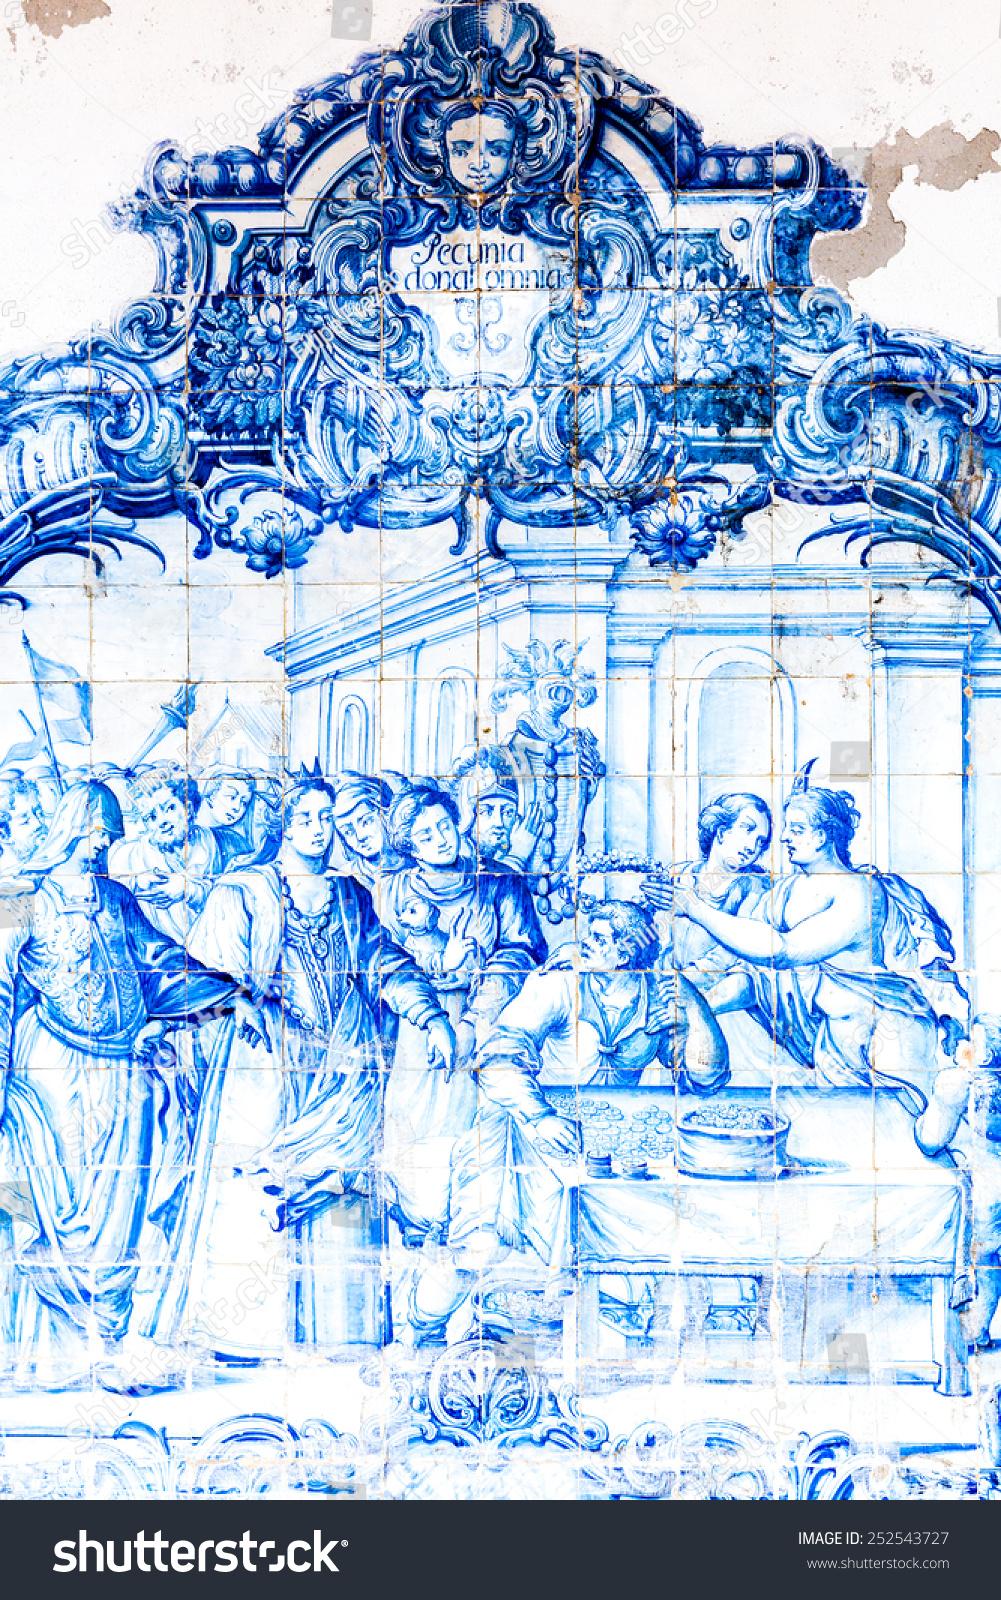 户外蓝色墙砖贴图素材